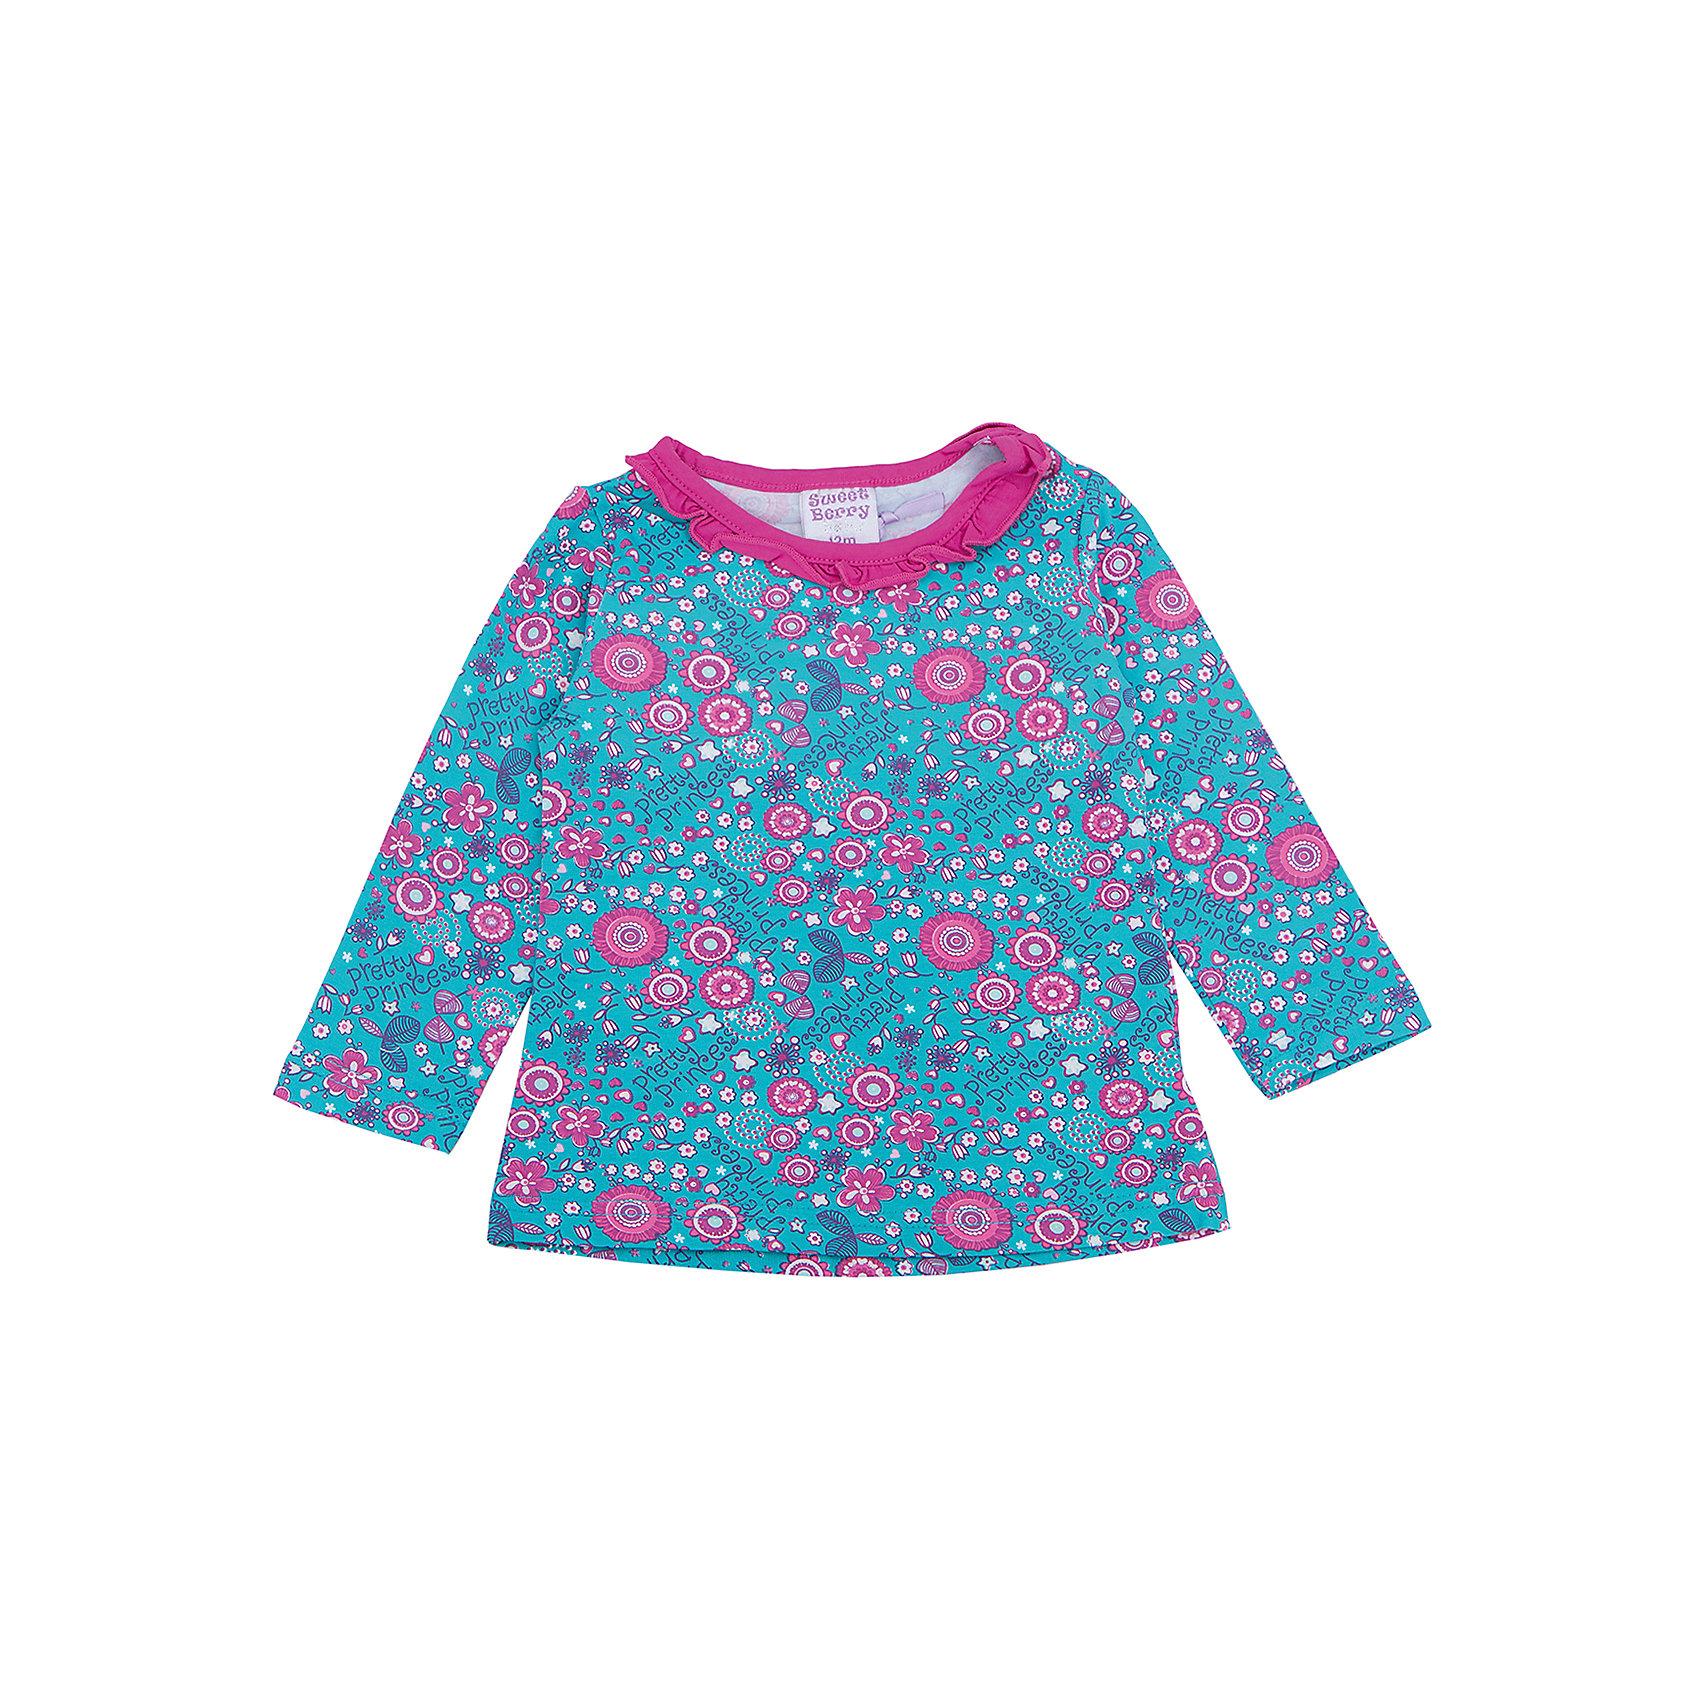 Футболка с длинным рукавом для девочки Sweet BerryТакая футболка с длинным рукавом для девочки отличается модным дизайном с ярким принтом. Удачный крой обеспечит ребенку комфорт и тепло. Горловина изделия выполнена из яркого контрастного трикотажа. Вещь плотно прилегает к телу там, где нужно, и отлично сидит по фигуре.<br>Одежда от бренда Sweet Berry - это простой и выгодный способ одеть ребенка удобно и стильно. Всё изделия тщательно проработаны: швы - прочные, материал - качественный, фурнитура - подобранная специально для детей. <br><br>Дополнительная информация:<br><br>цвет: голубой;<br>материал: 95% хлопок, 5% эластан;<br>декорирована принтом.<br><br>Футболку с длинным рукавом для девочки от бренда Sweet Berry можно купить в нашем интернет-магазине.<br><br>Ширина мм: 230<br>Глубина мм: 40<br>Высота мм: 220<br>Вес г: 250<br>Цвет: голубой<br>Возраст от месяцев: 24<br>Возраст до месяцев: 36<br>Пол: Женский<br>Возраст: Детский<br>Размер: 98,80,86,92<br>SKU: 4931133